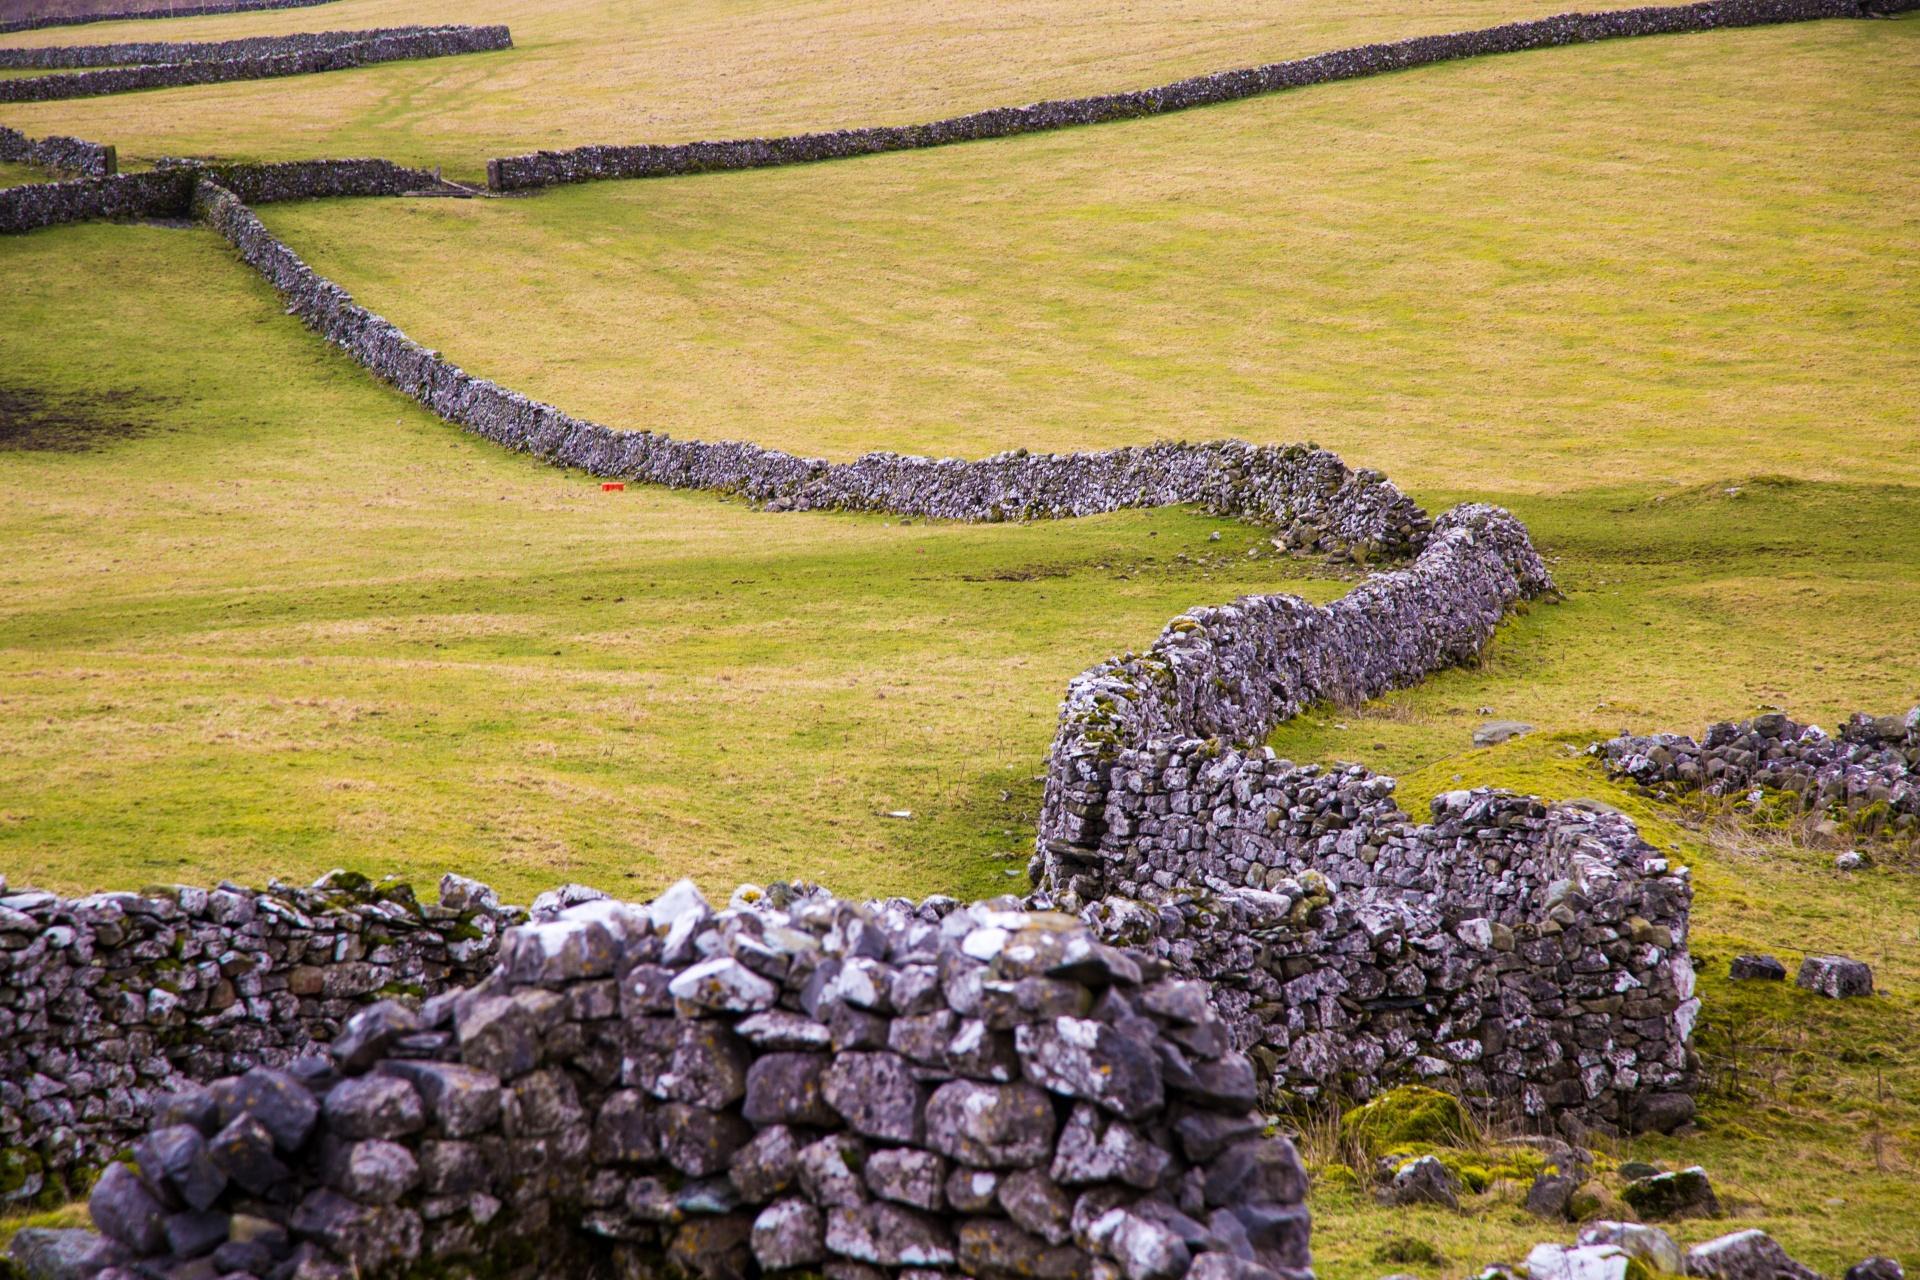 landscape-yorkshire-dales-1463661948ov2